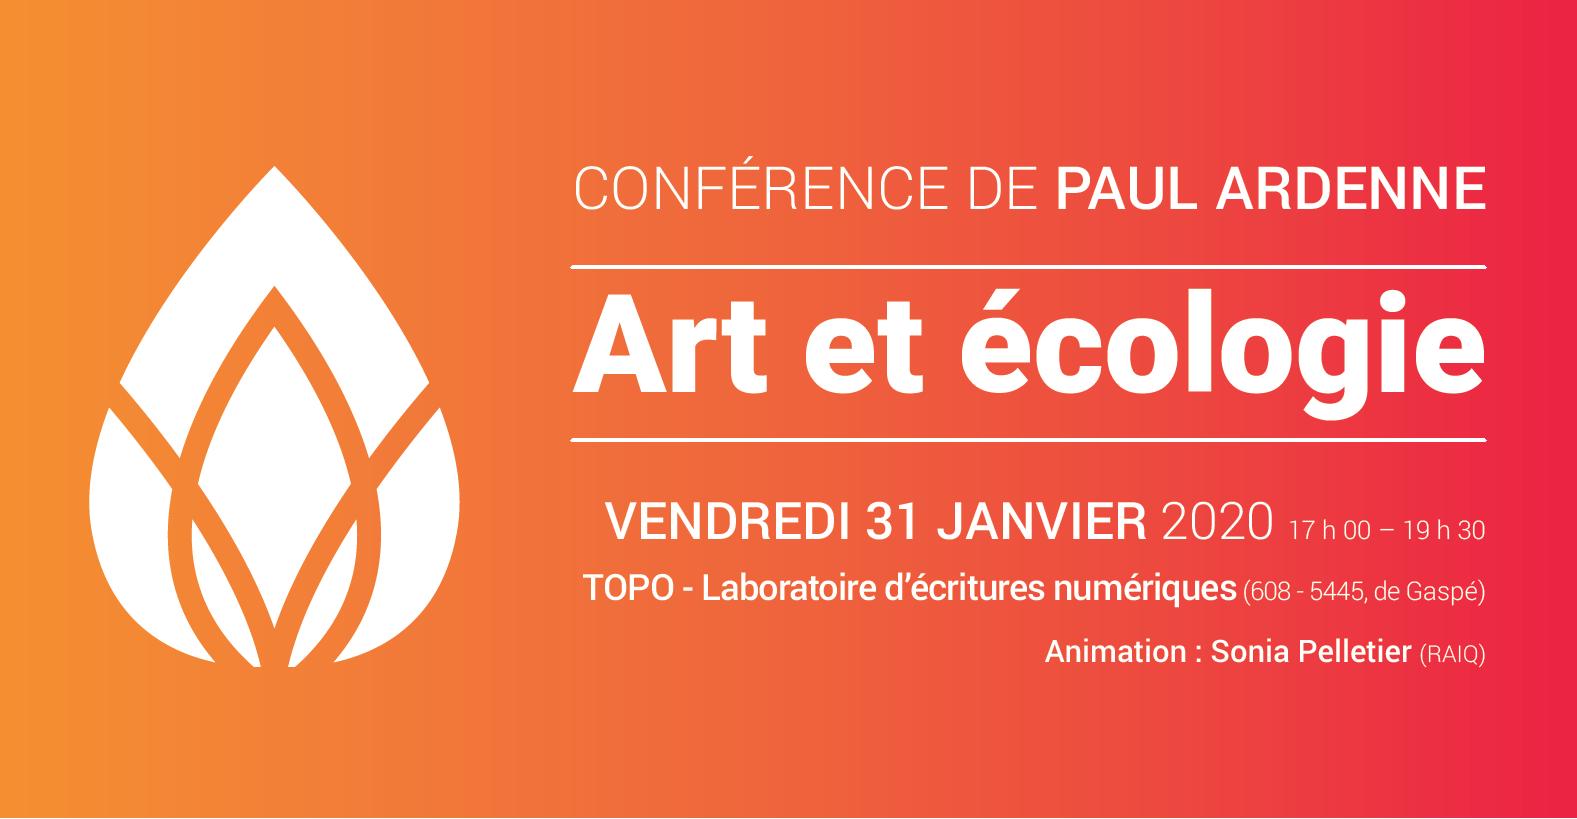 Conférence Art et écologie